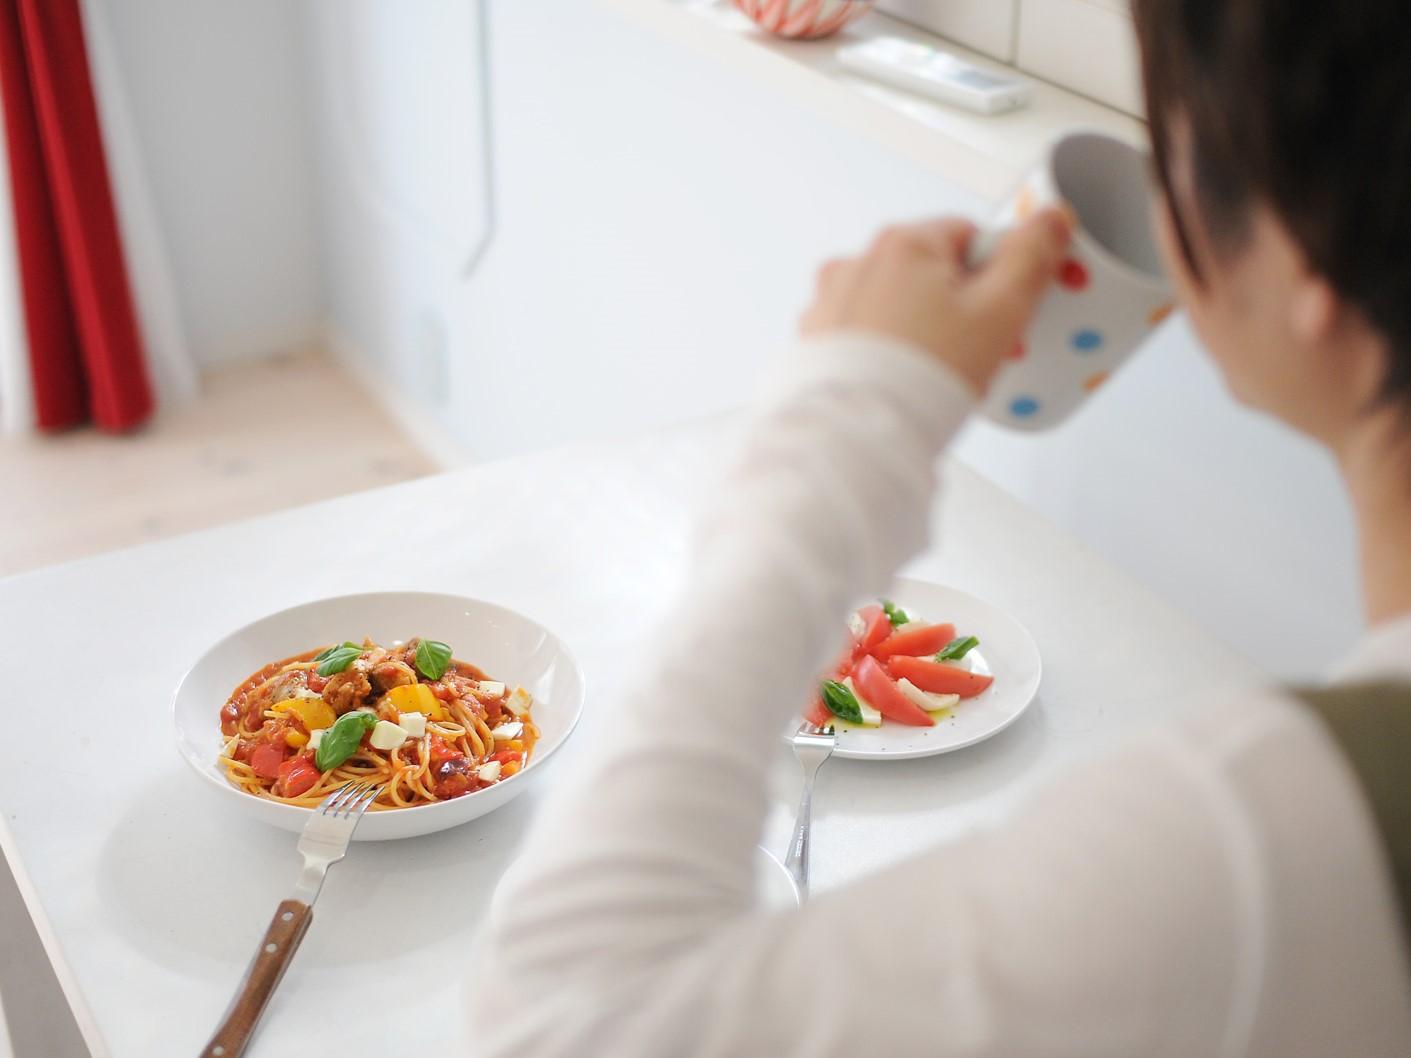 【商品】冷凍パスタが美味すぎる件